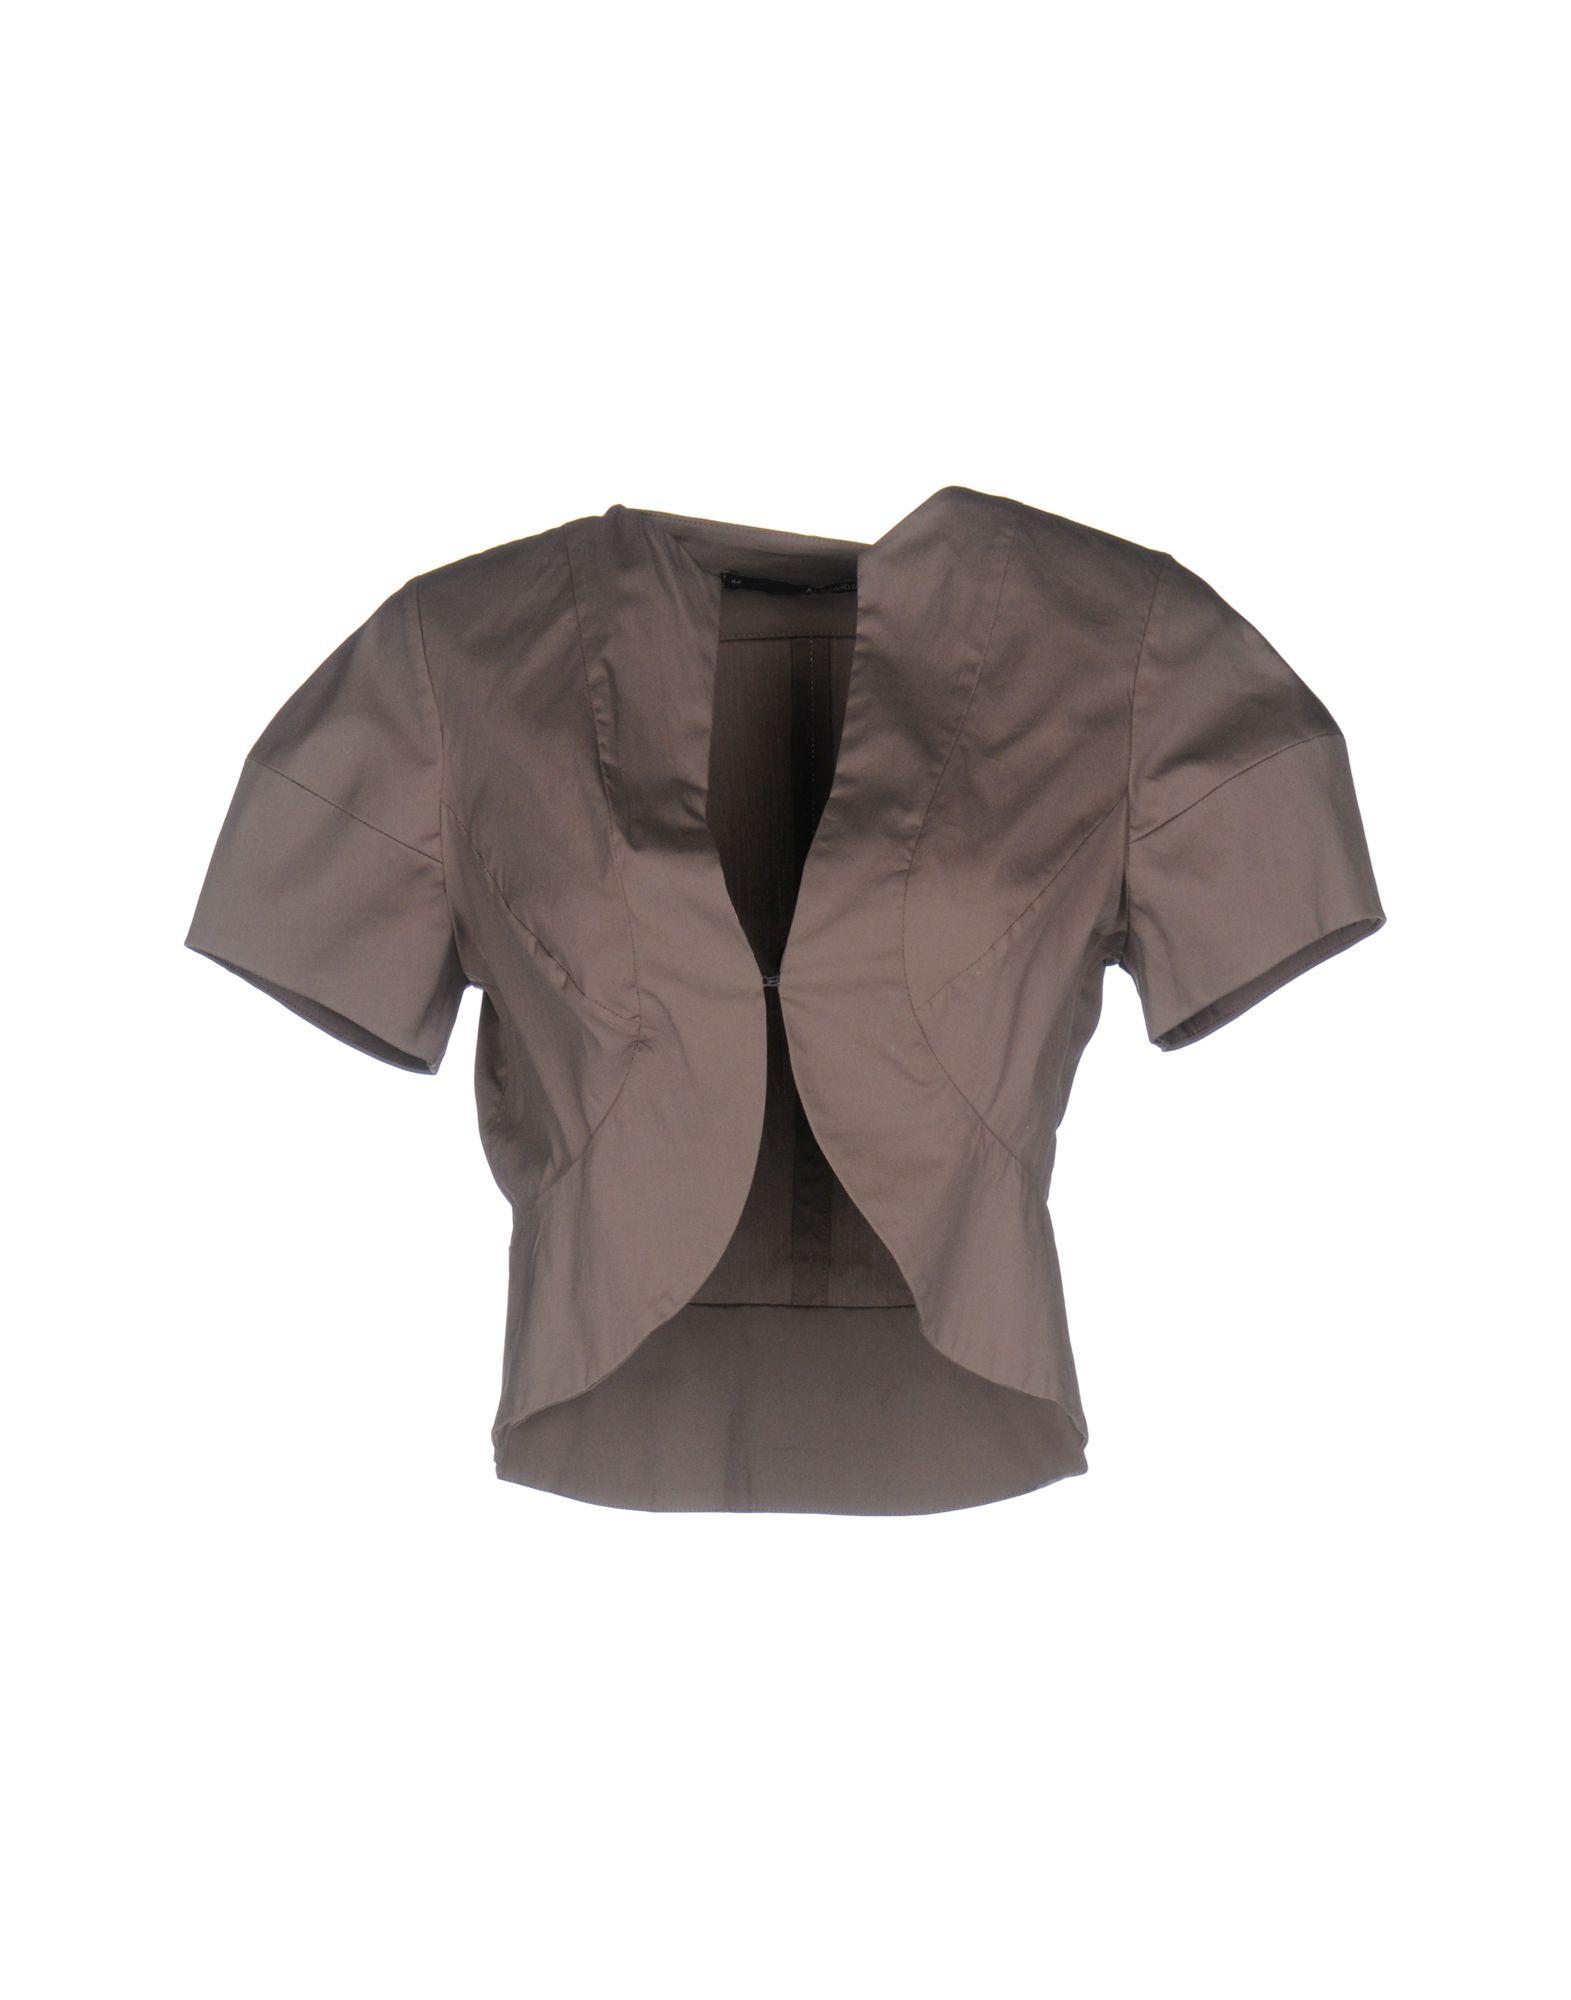 ANNARITA N. Damen Jackett Farbe Grau Größe 5 jetztbilligerkaufen